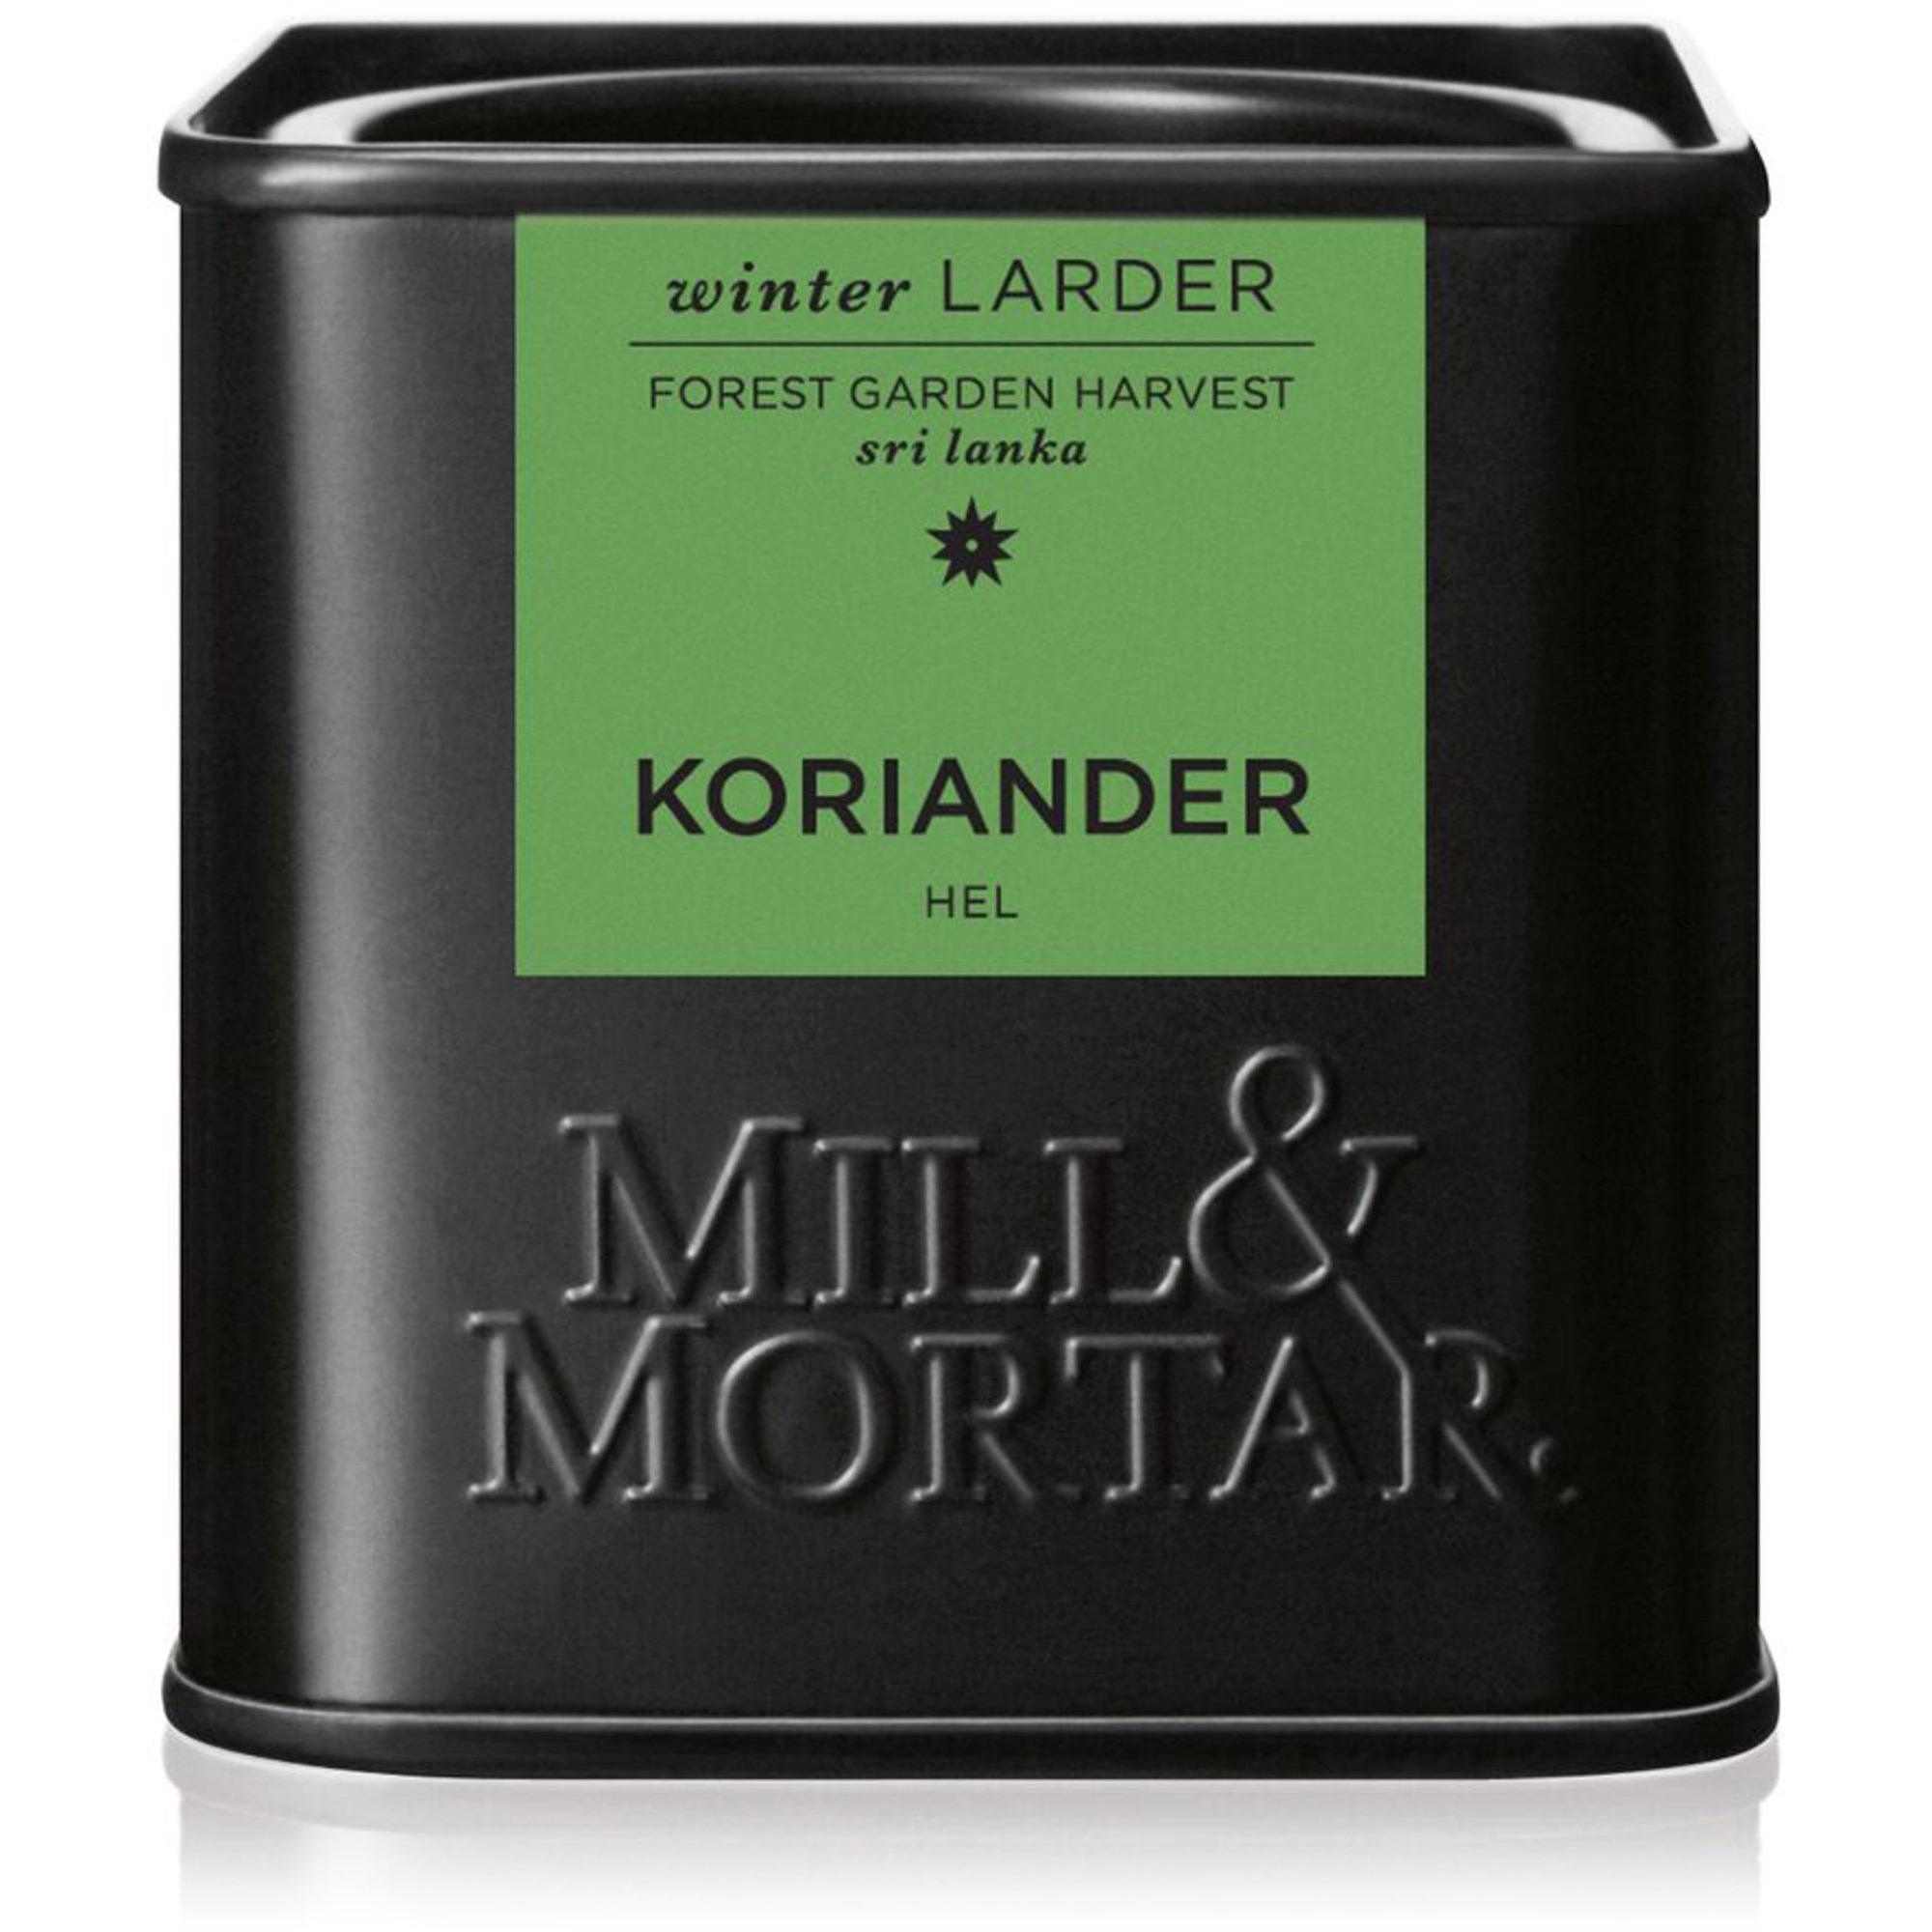 Mill & Mortar Koriander hel